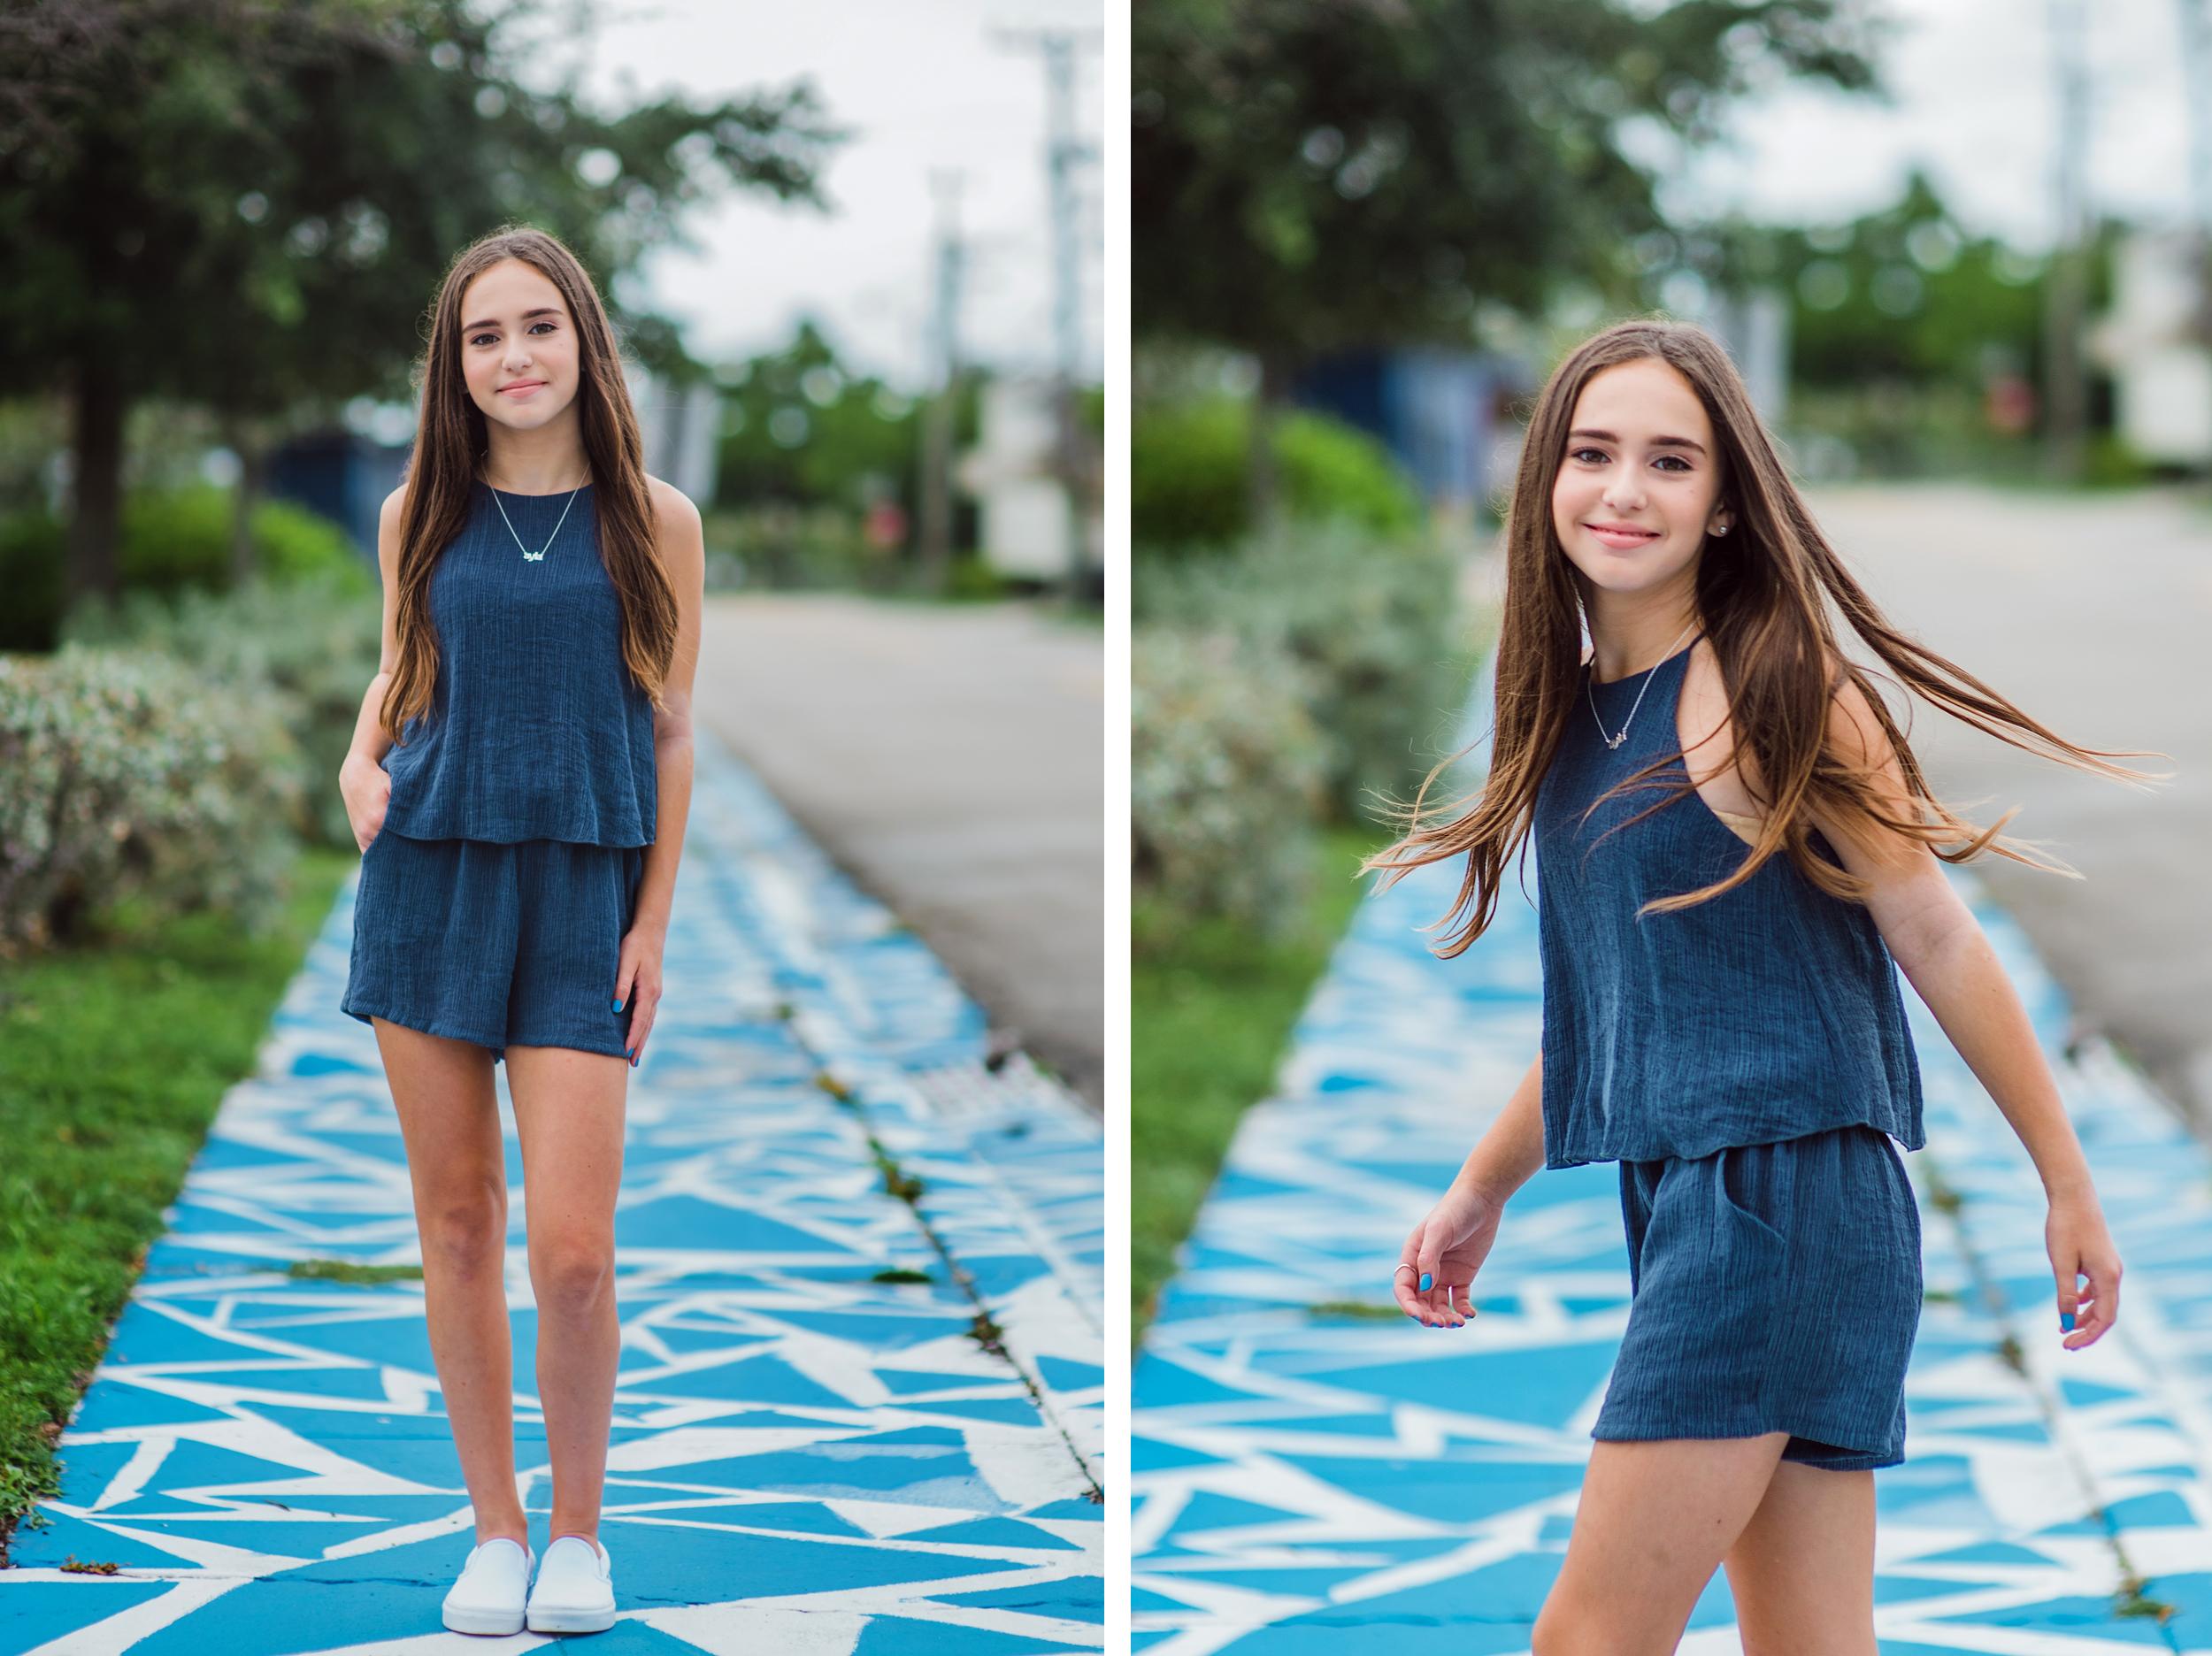 South Florida Bat Mitzvah Photographer.jpg